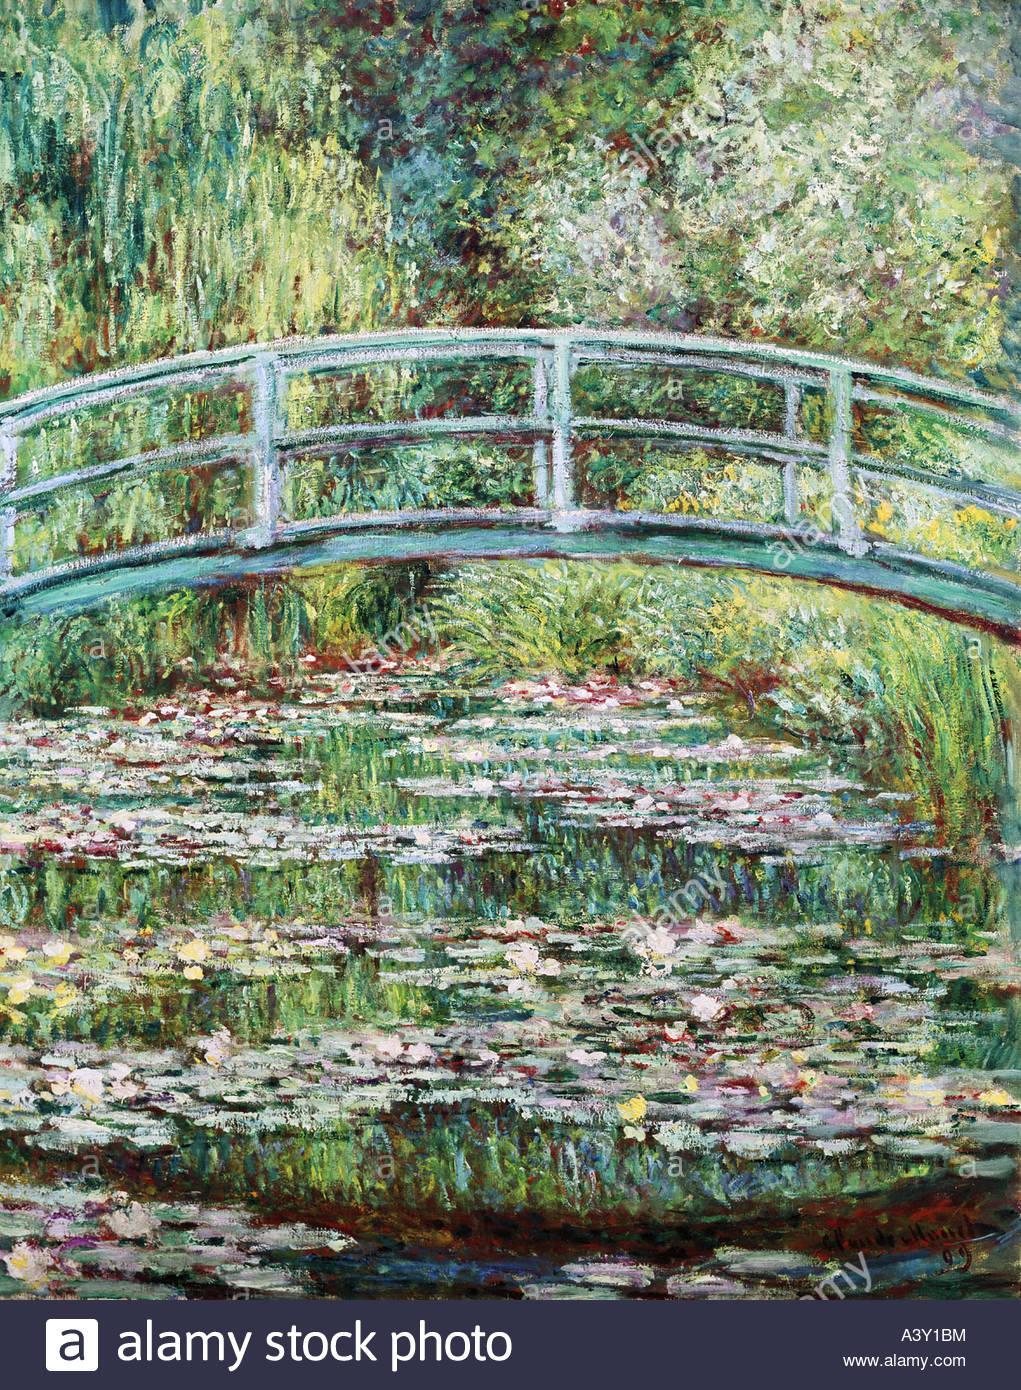 """""""Bellas Artes, Claude Monet (1840 - 1926), pintura, 'Pont Japonais un Giverny' ('puente japonés Imagen De Stock"""